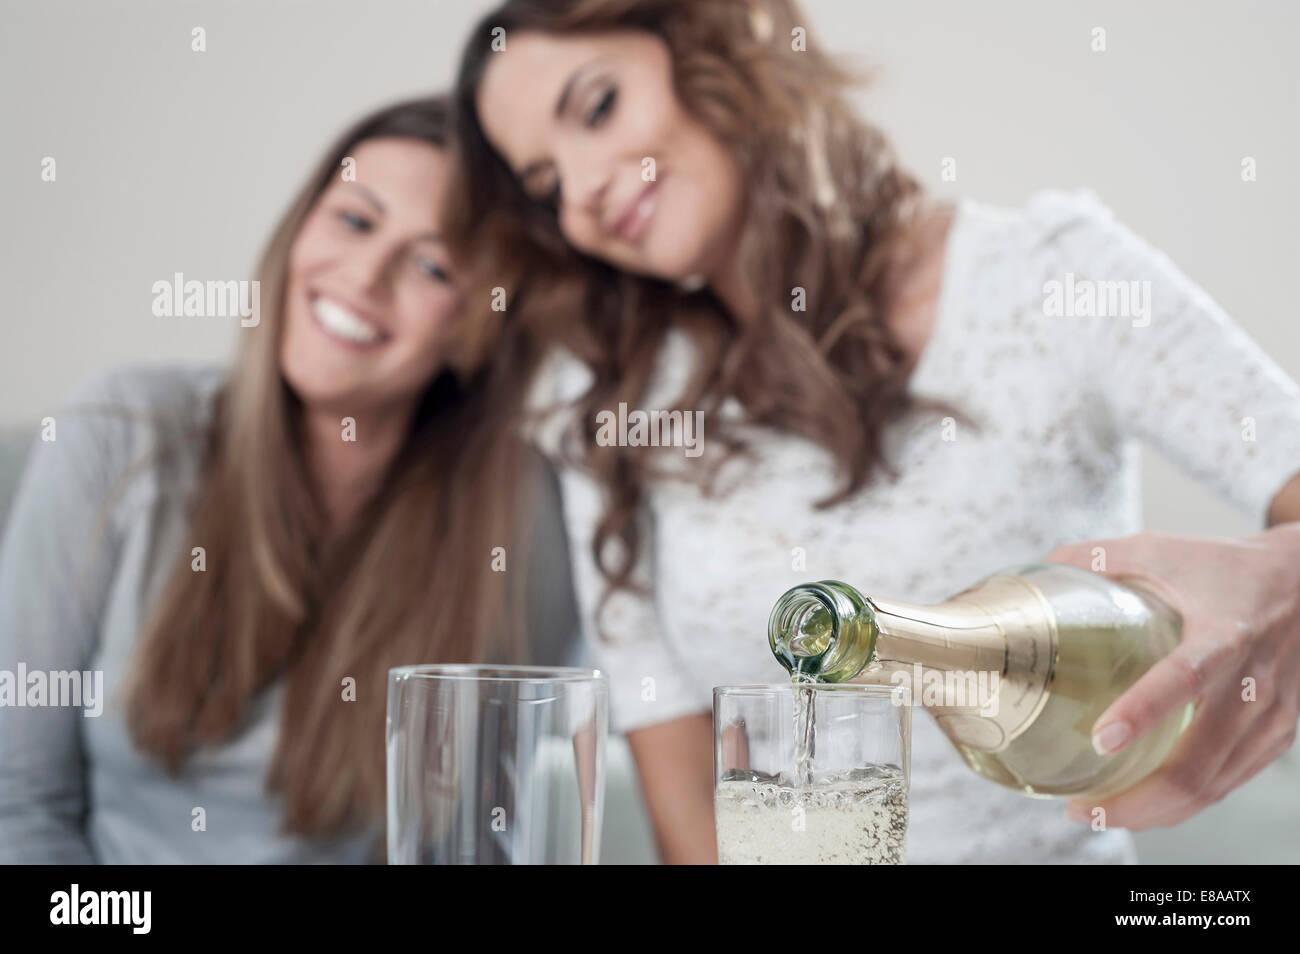 Mujer joven verter champán en copas mientras su amiga viendo Imagen De Stock